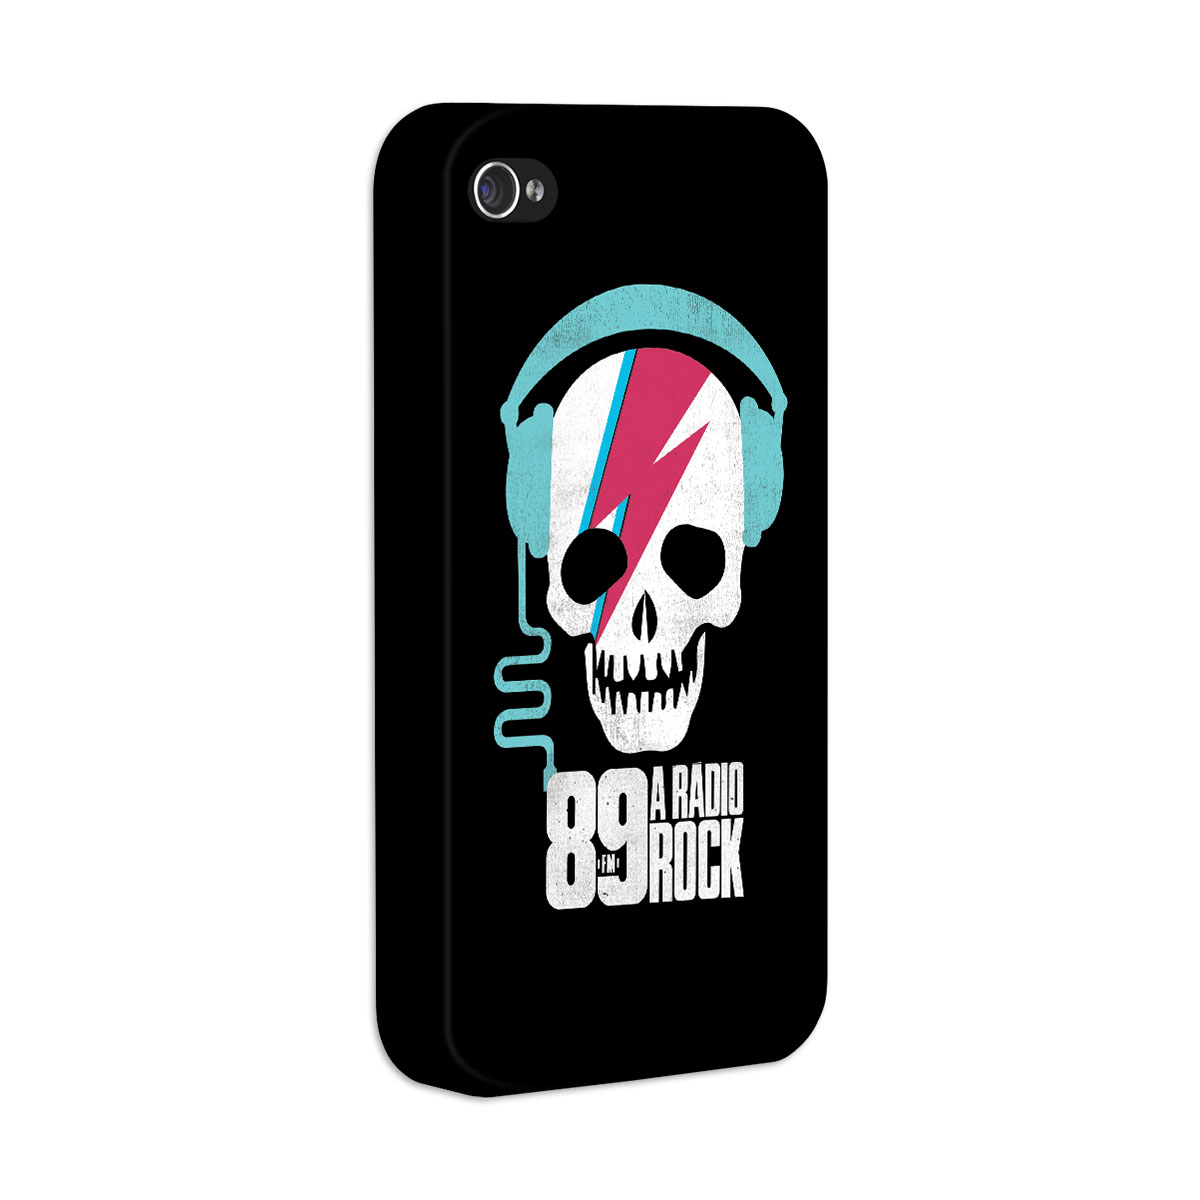 Capa de iPhone 4/4S 89 FM - Thunder Skull